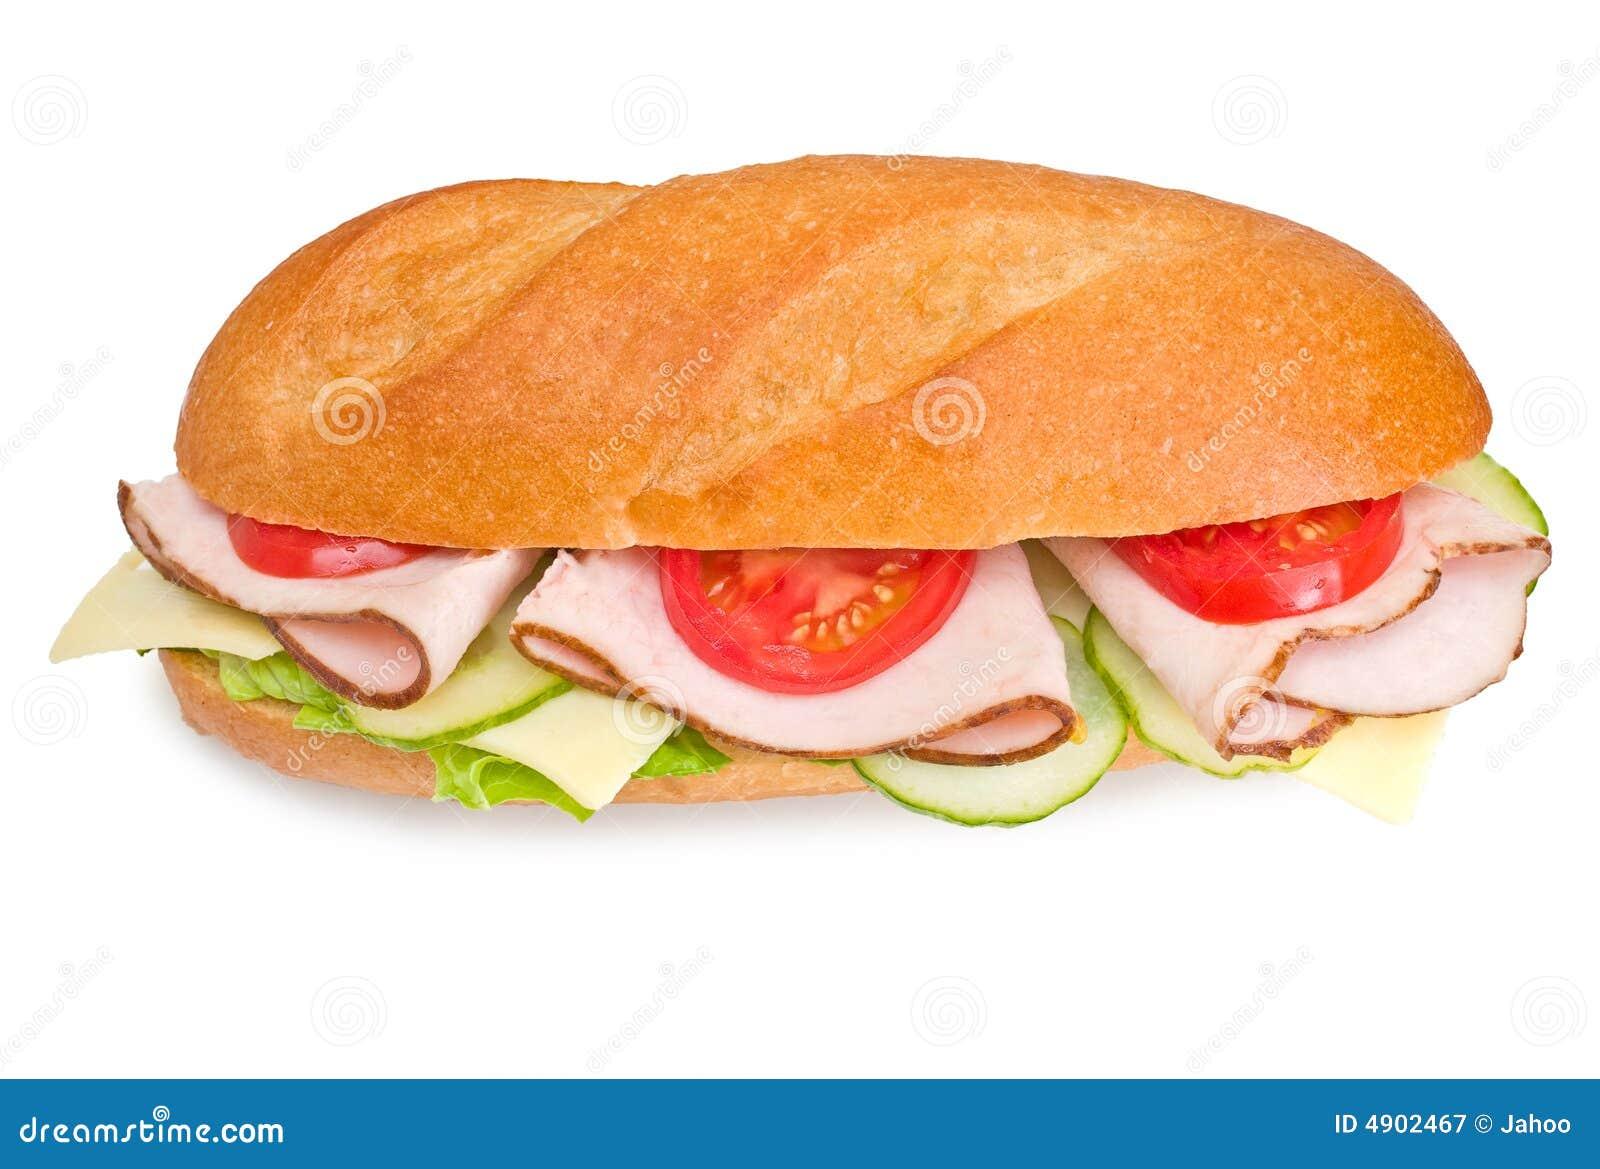 Fresh Turkey Submarine Sandwic Stock Image Image Of Cucumber